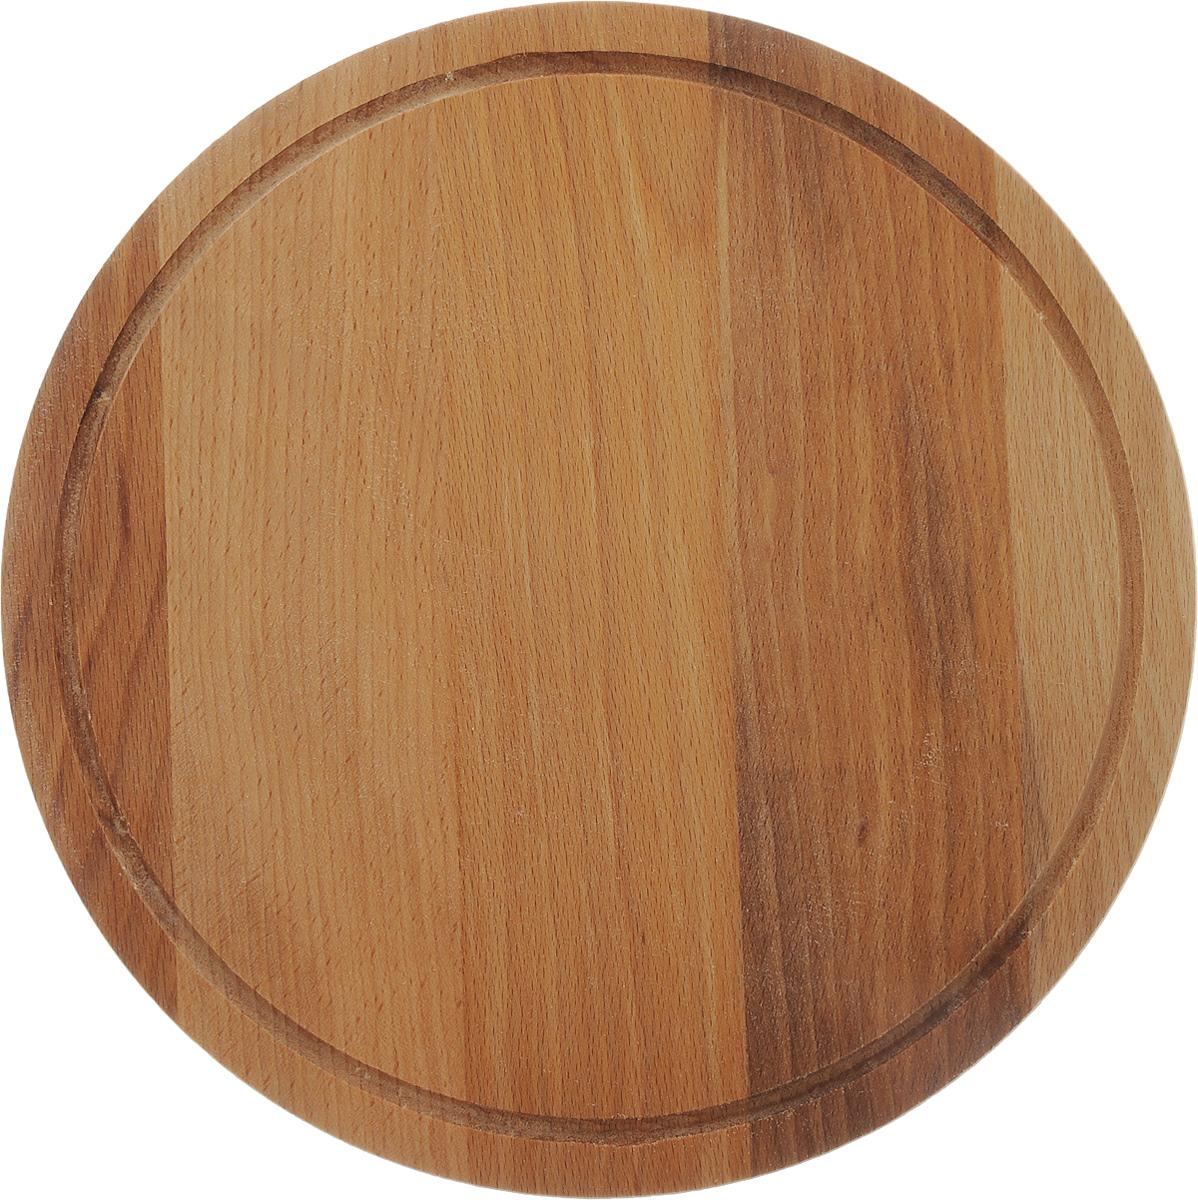 Доска разделочная Хозяюшка, диаметр 30 см03-1Доска разделочная Хозяюшка выполнена из бука. Бук наряду с дубом и тиком относится к ценным твердолиственным породам элитной группы категории А, класса люкс. По структуре древесины бук считается менее рыхлым, чем дуб, и более гибким, чем тик, при этом не уступает по прочности этим двум породам, а по красоте даже превосходит их. Бук отличают, прежде всего, уникальная текстура и естественный белый с желтовато-красным оттенком, со временем переходящим в розовато-коричневый, цвет древесины. Бук прекрасно поддается шлифовке и полировке. Бук боится влаги, но, как в случае со всеми без исключения досками из древесины, вопрос влагостойкости решается пропиткой дерева специальным минеральным или льняным маслом. Масло защищает доску от коробления, рассыхания и растрескивания. Именно поэтому все доски Хозяюшка обработаны льняным маслом. Нельзя мыть в посудомоечной машине. Для продления срока эксплуатации рекомендуется периодически смазывать доску растительным маслом.